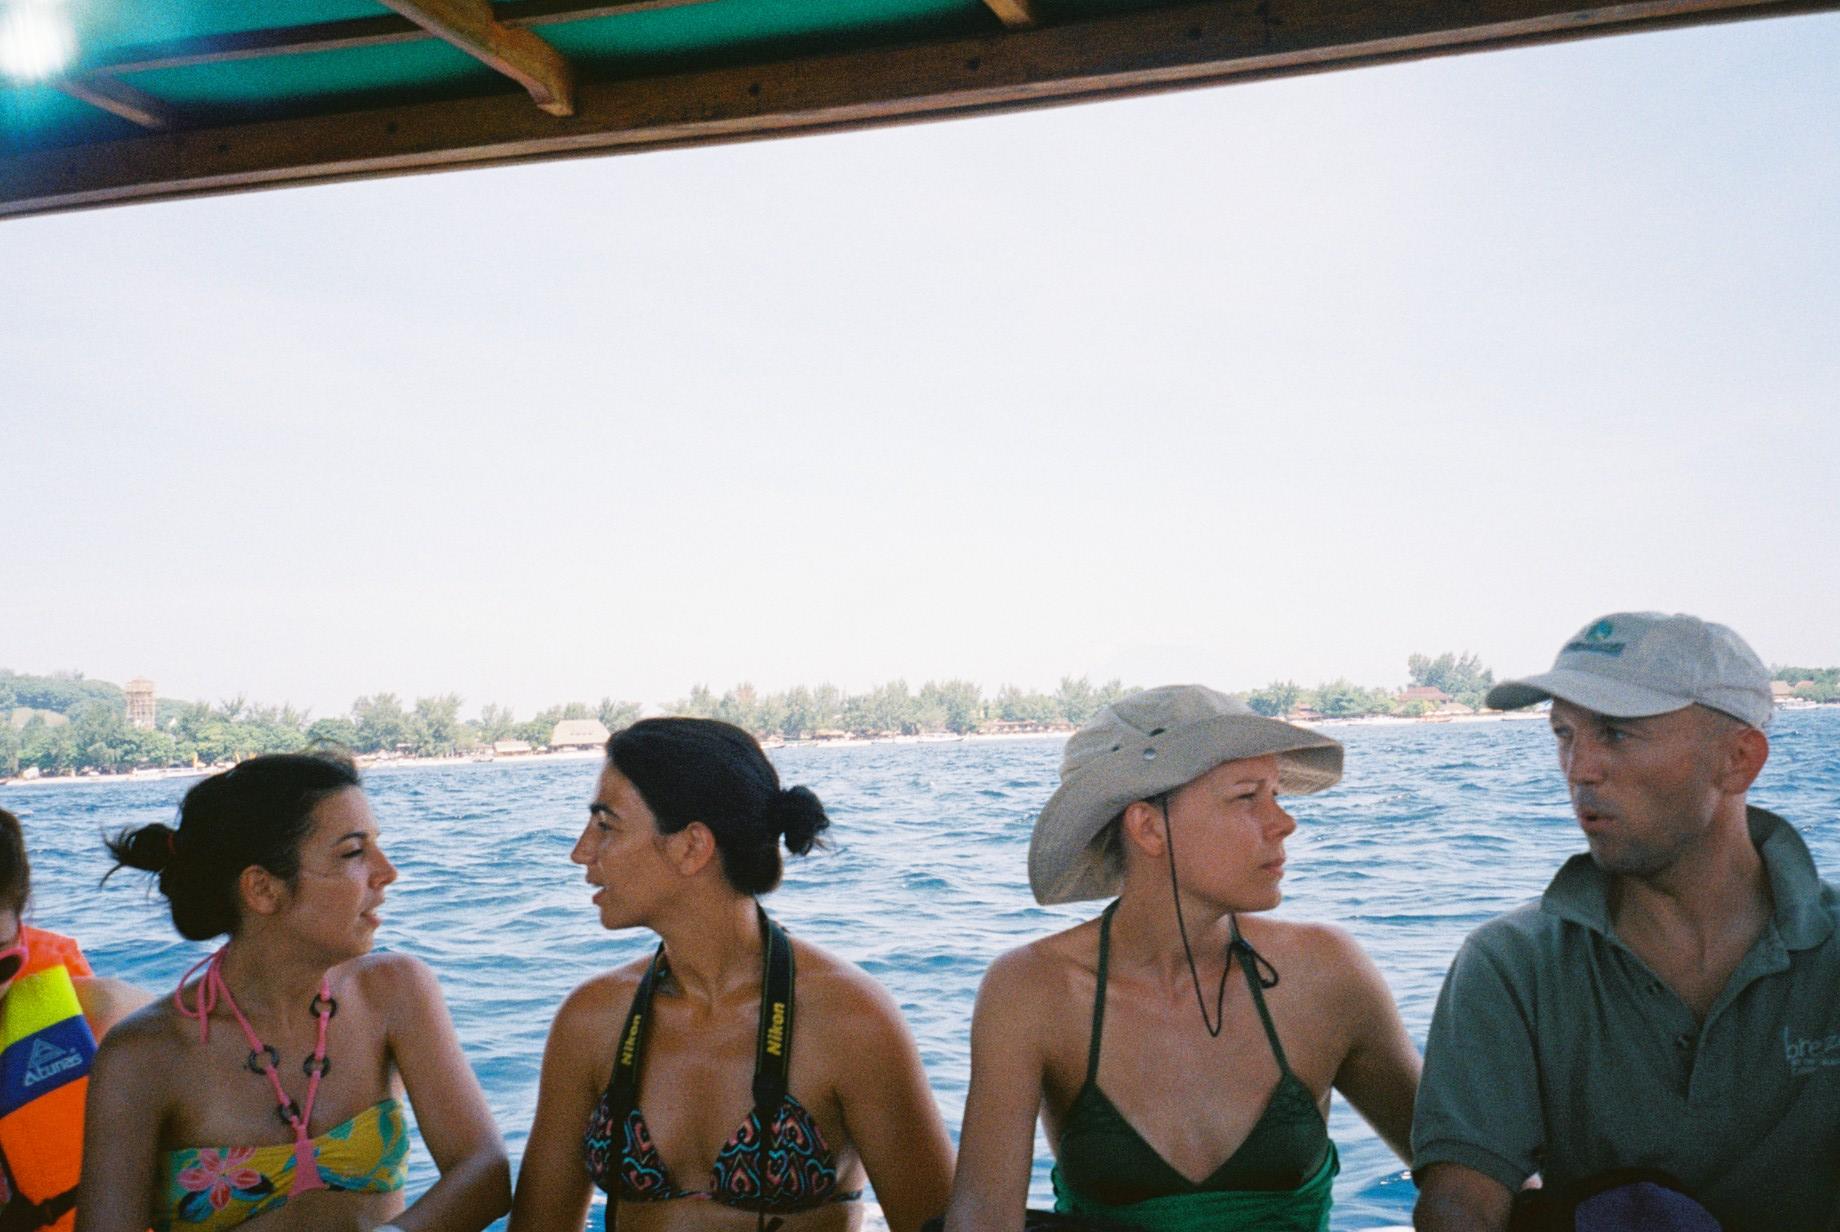 スペイン語やオランダ語、ドイツ語、英語などいろんな言語が飛び交うグラスボート